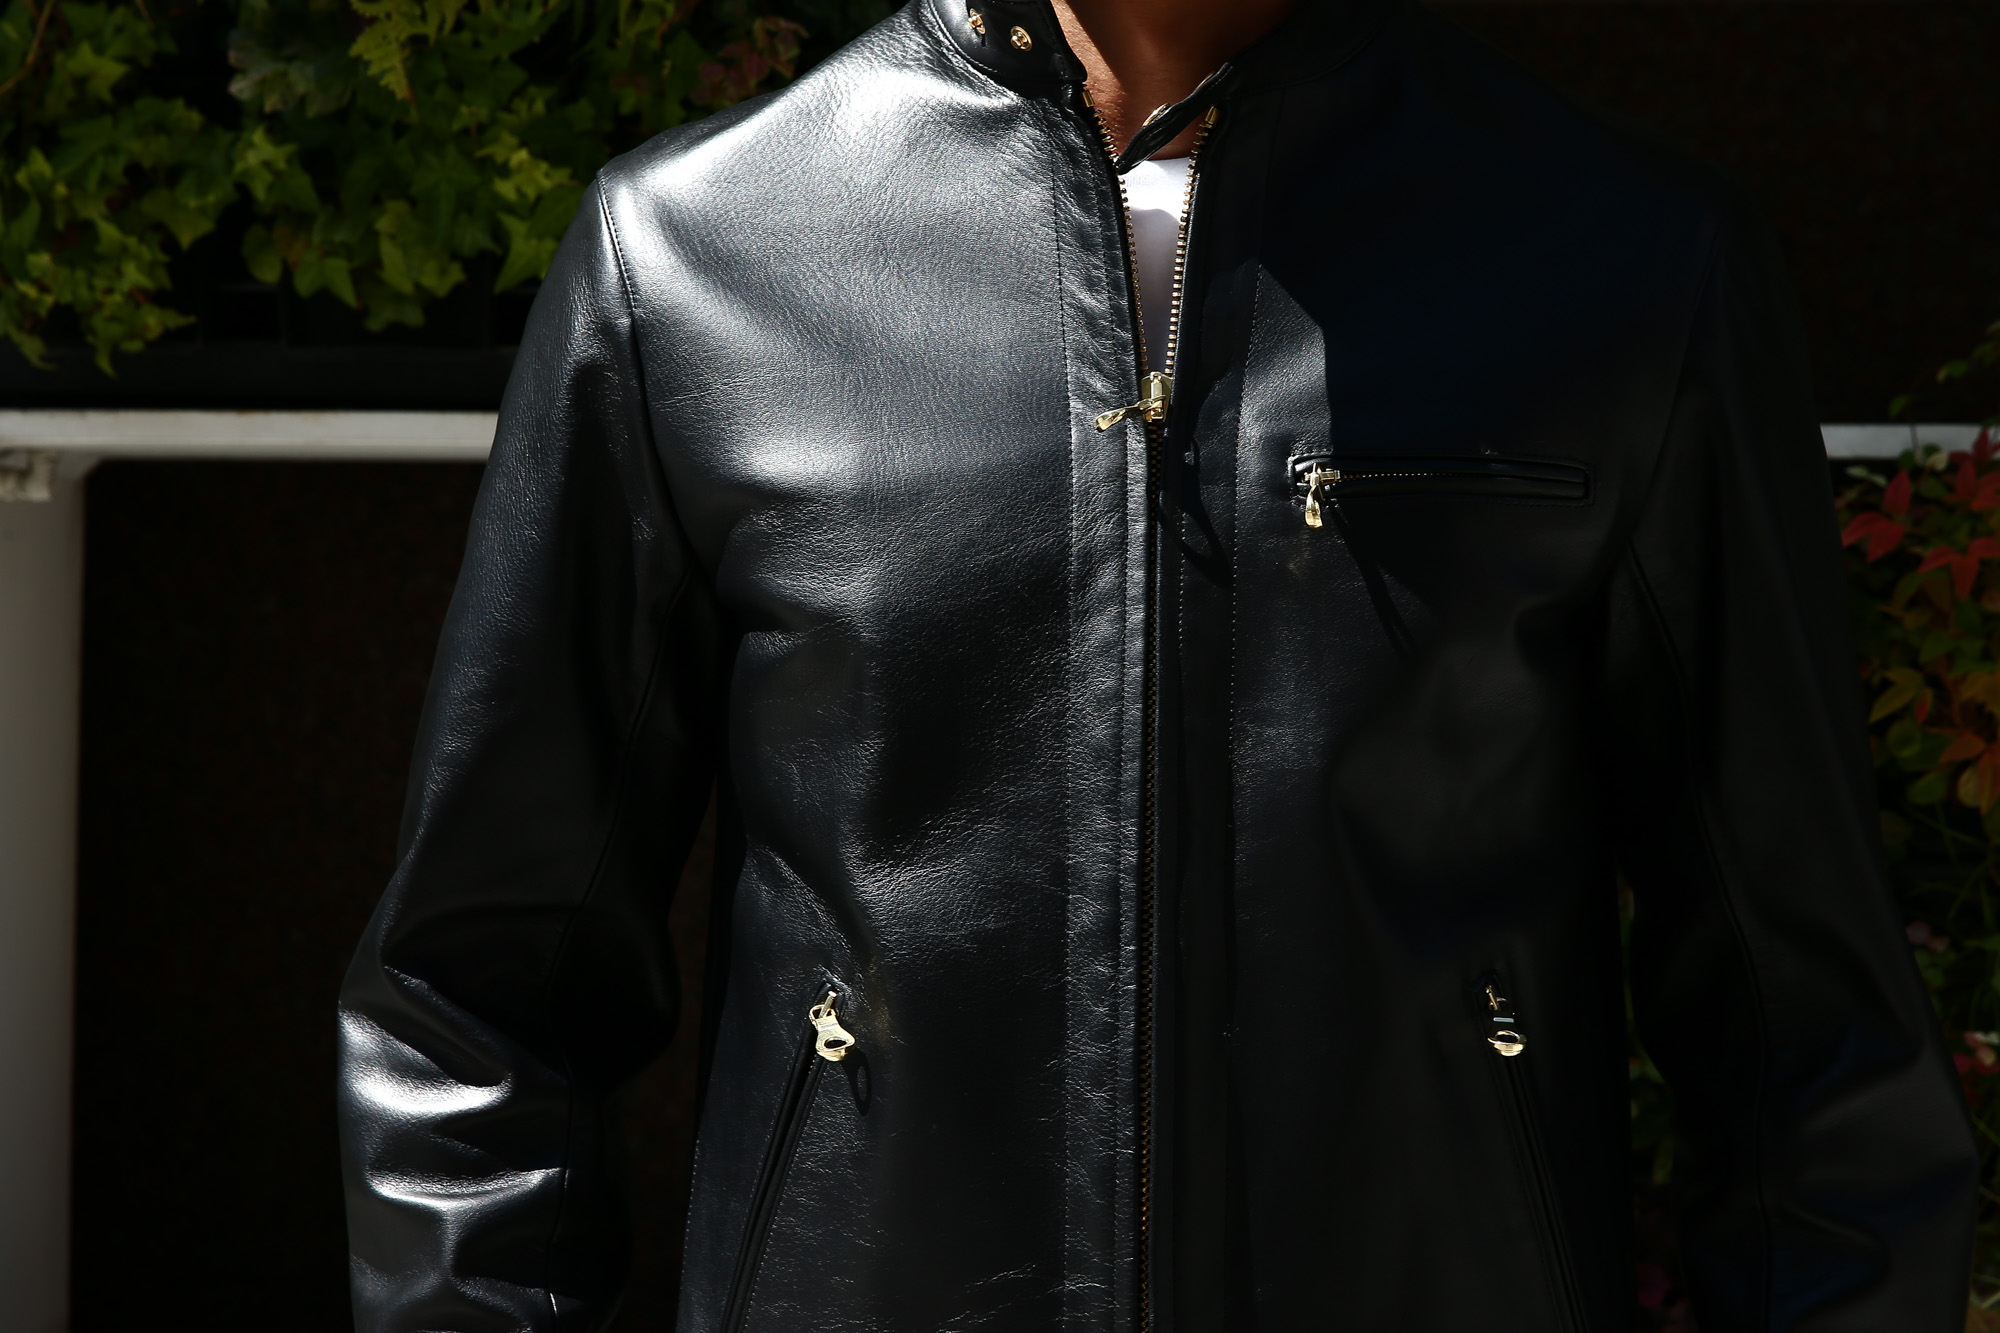 【CINQUANTA // チンクアンタ】 6621/1 STAND COLLAR RIDERS CAVALLO (スタンド カラー ジャケット) HORSE LEATHER ホースレザー シングル ライダース ジャケット BLACK (ブラック・999) Made in italy (イタリア製) 2017 秋冬新作 コーディネートスタイル 。cinquanta チンクアンタ レザージャケット 愛知 名古屋 ZODIAC ゾディアック